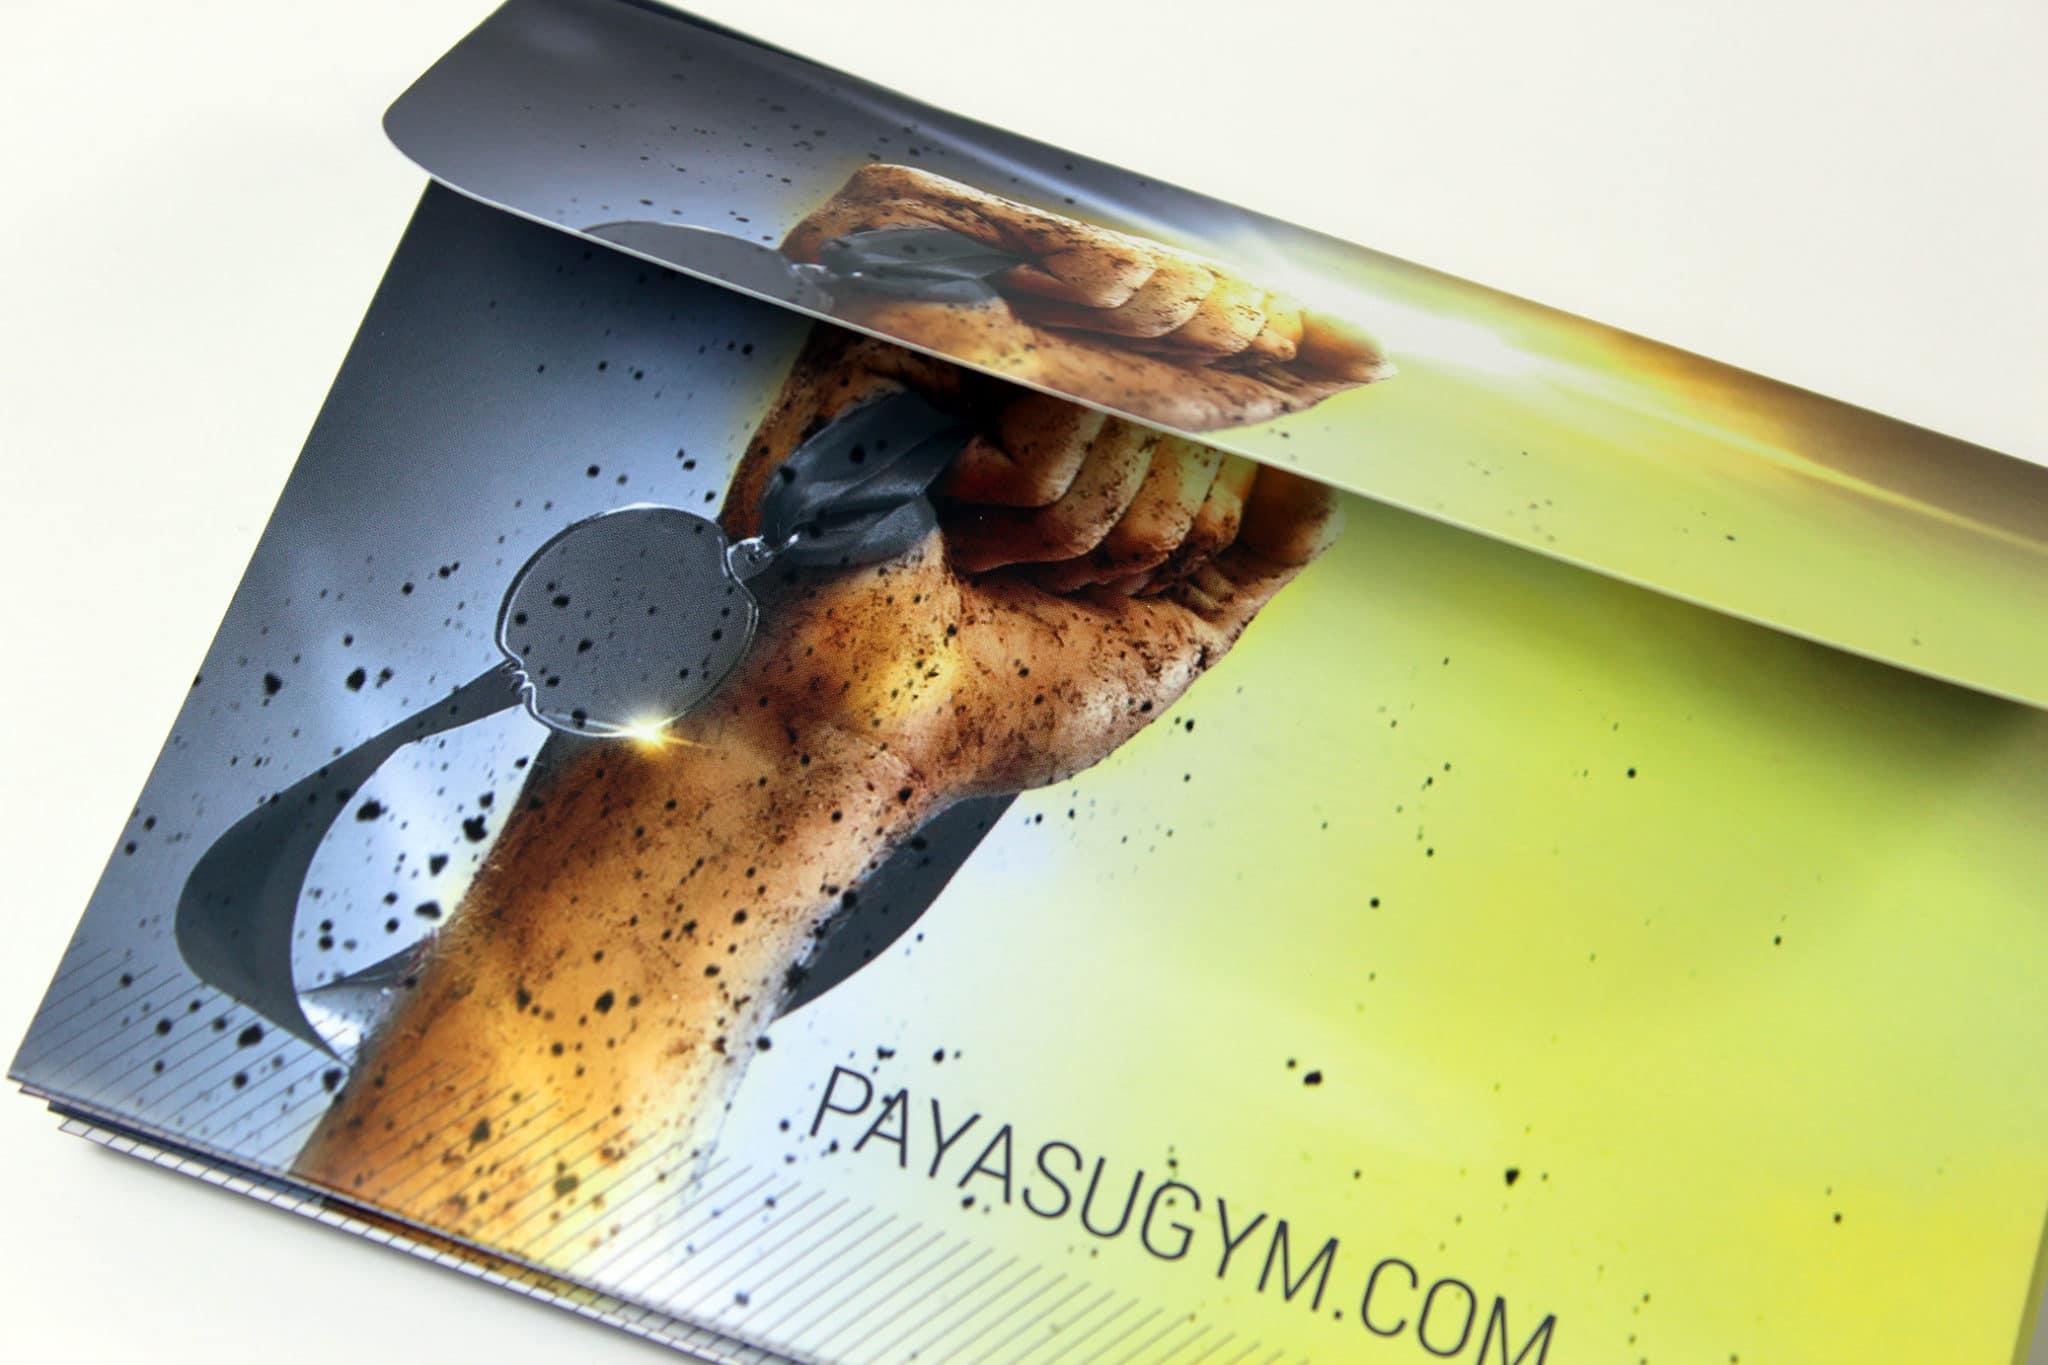 Pay as You Gym Printed Die-Cut wallet